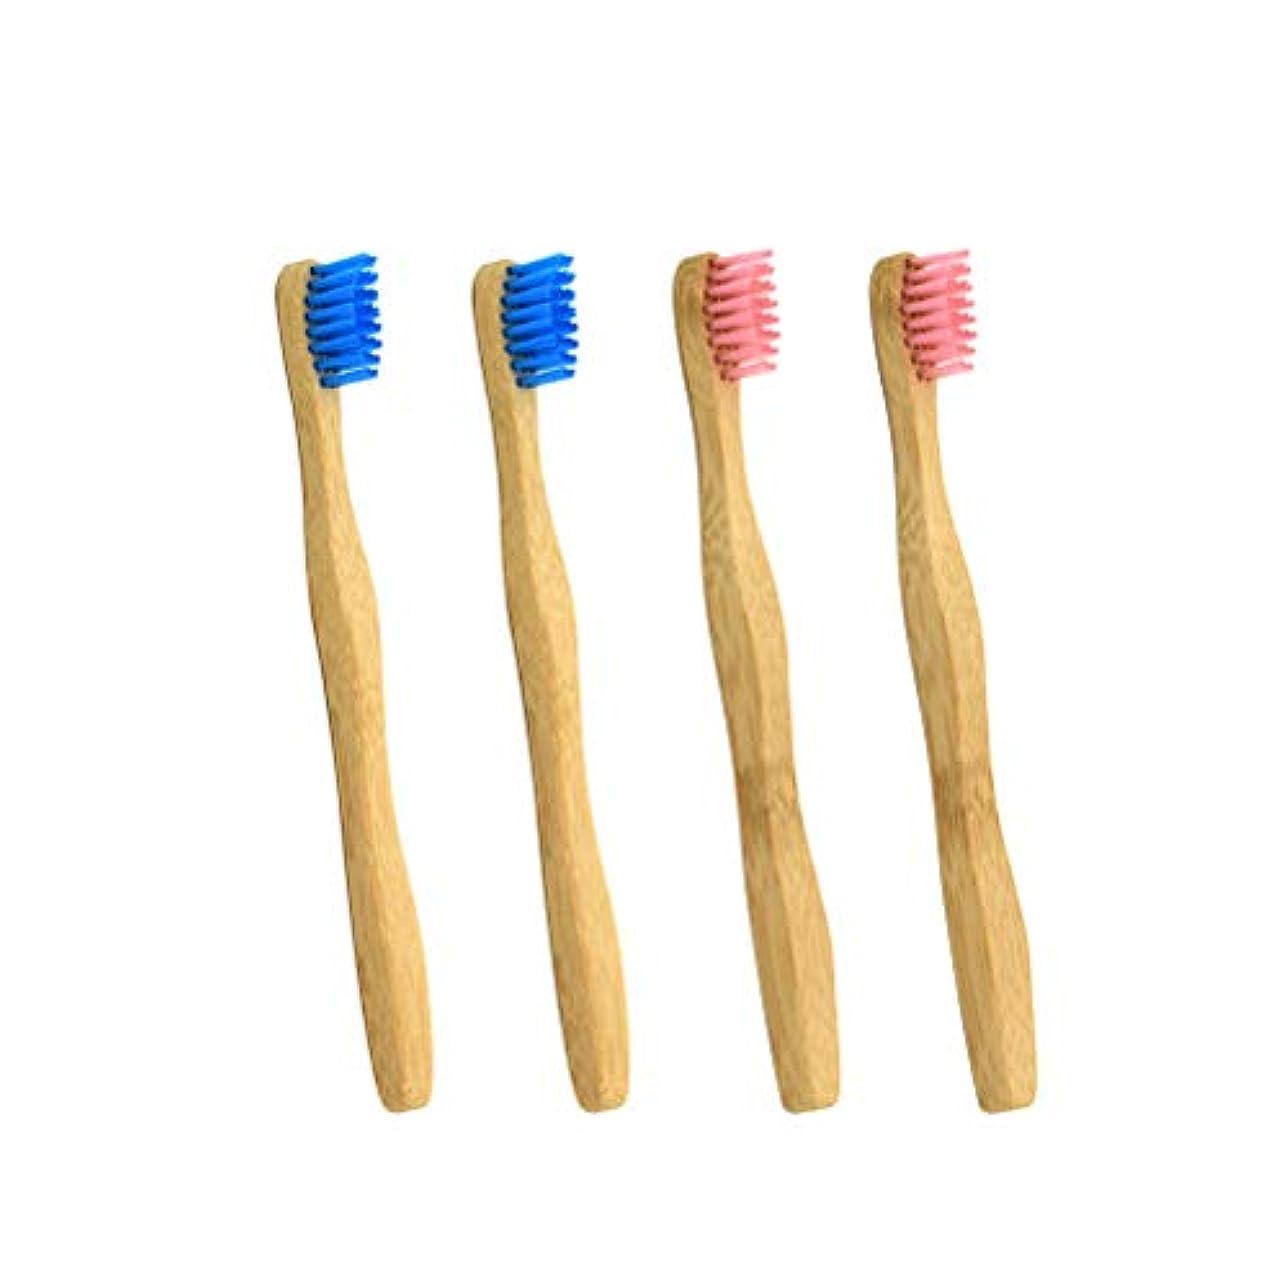 ソブリケットスリチンモイ出版Healifty 子供旅行のための竹の歯ブラシの木炭剛毛使い捨てのナイロン歯ブラシ(ピンクとピンク各2本)